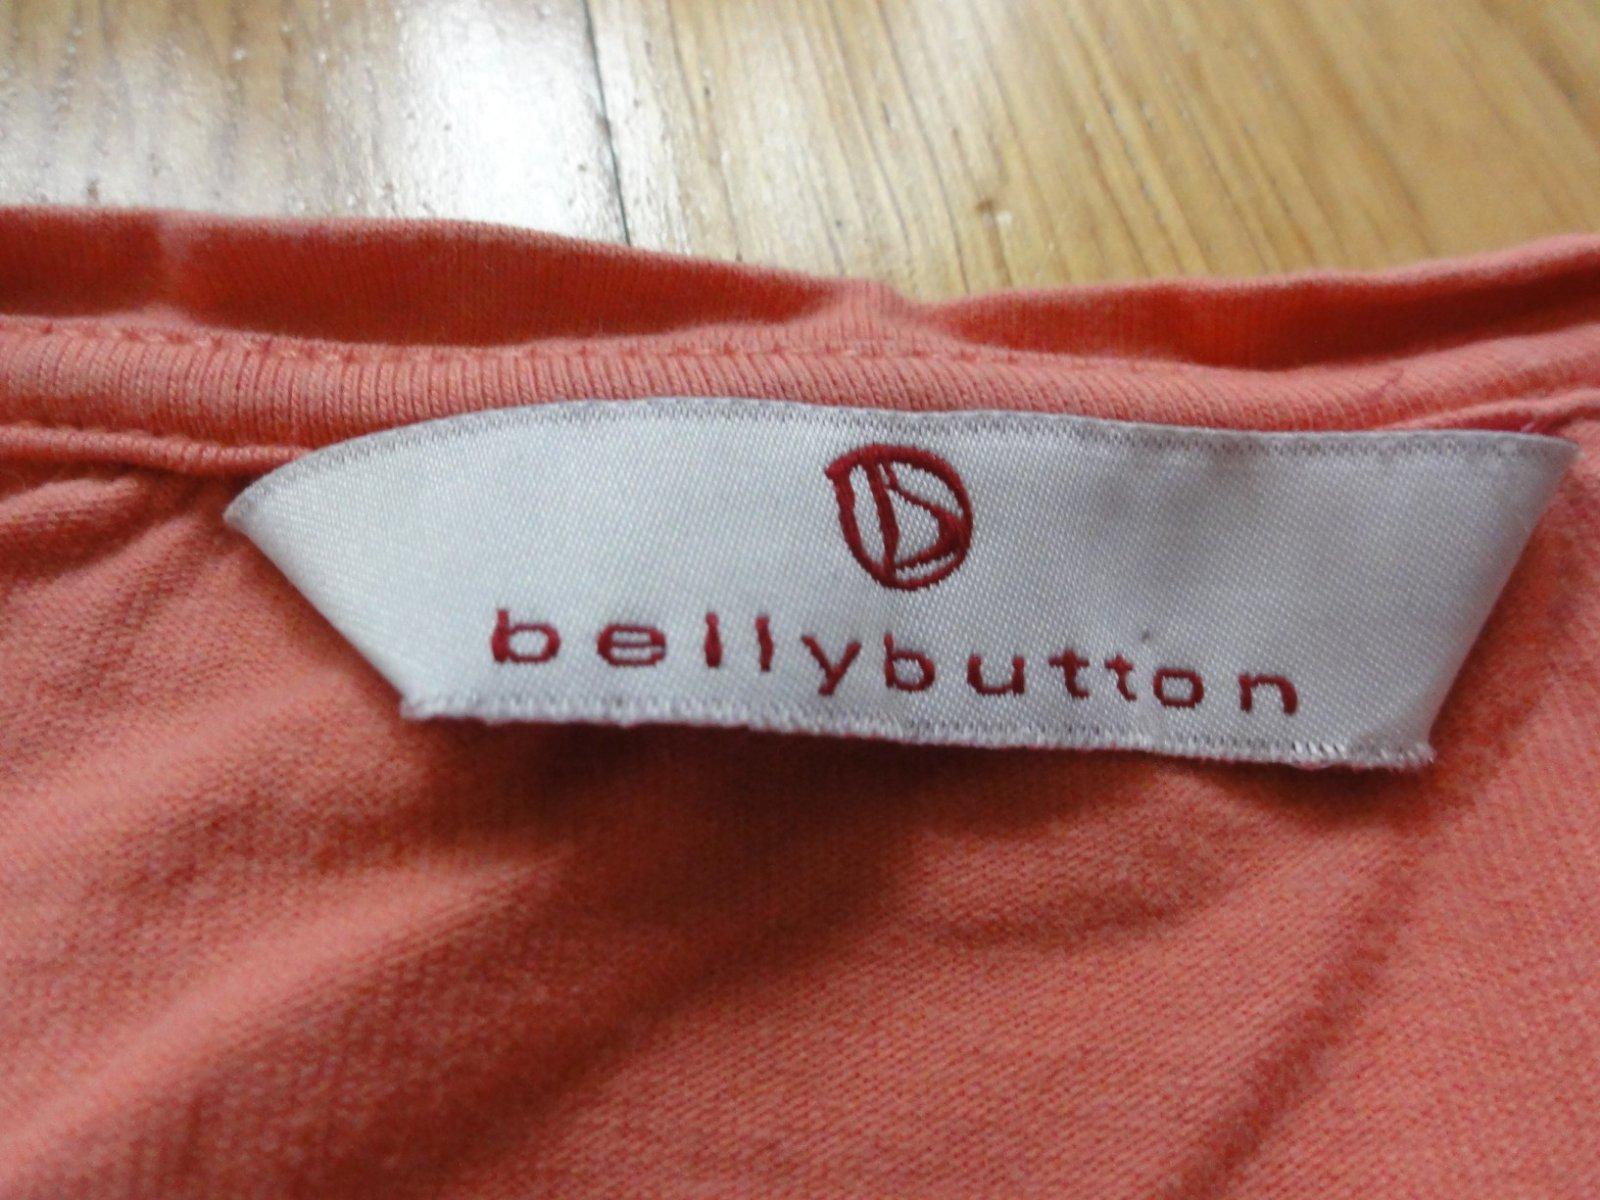 a000624efc6 Zobraz celé podmínky. Těhotenské bavlněné triko belly button ...